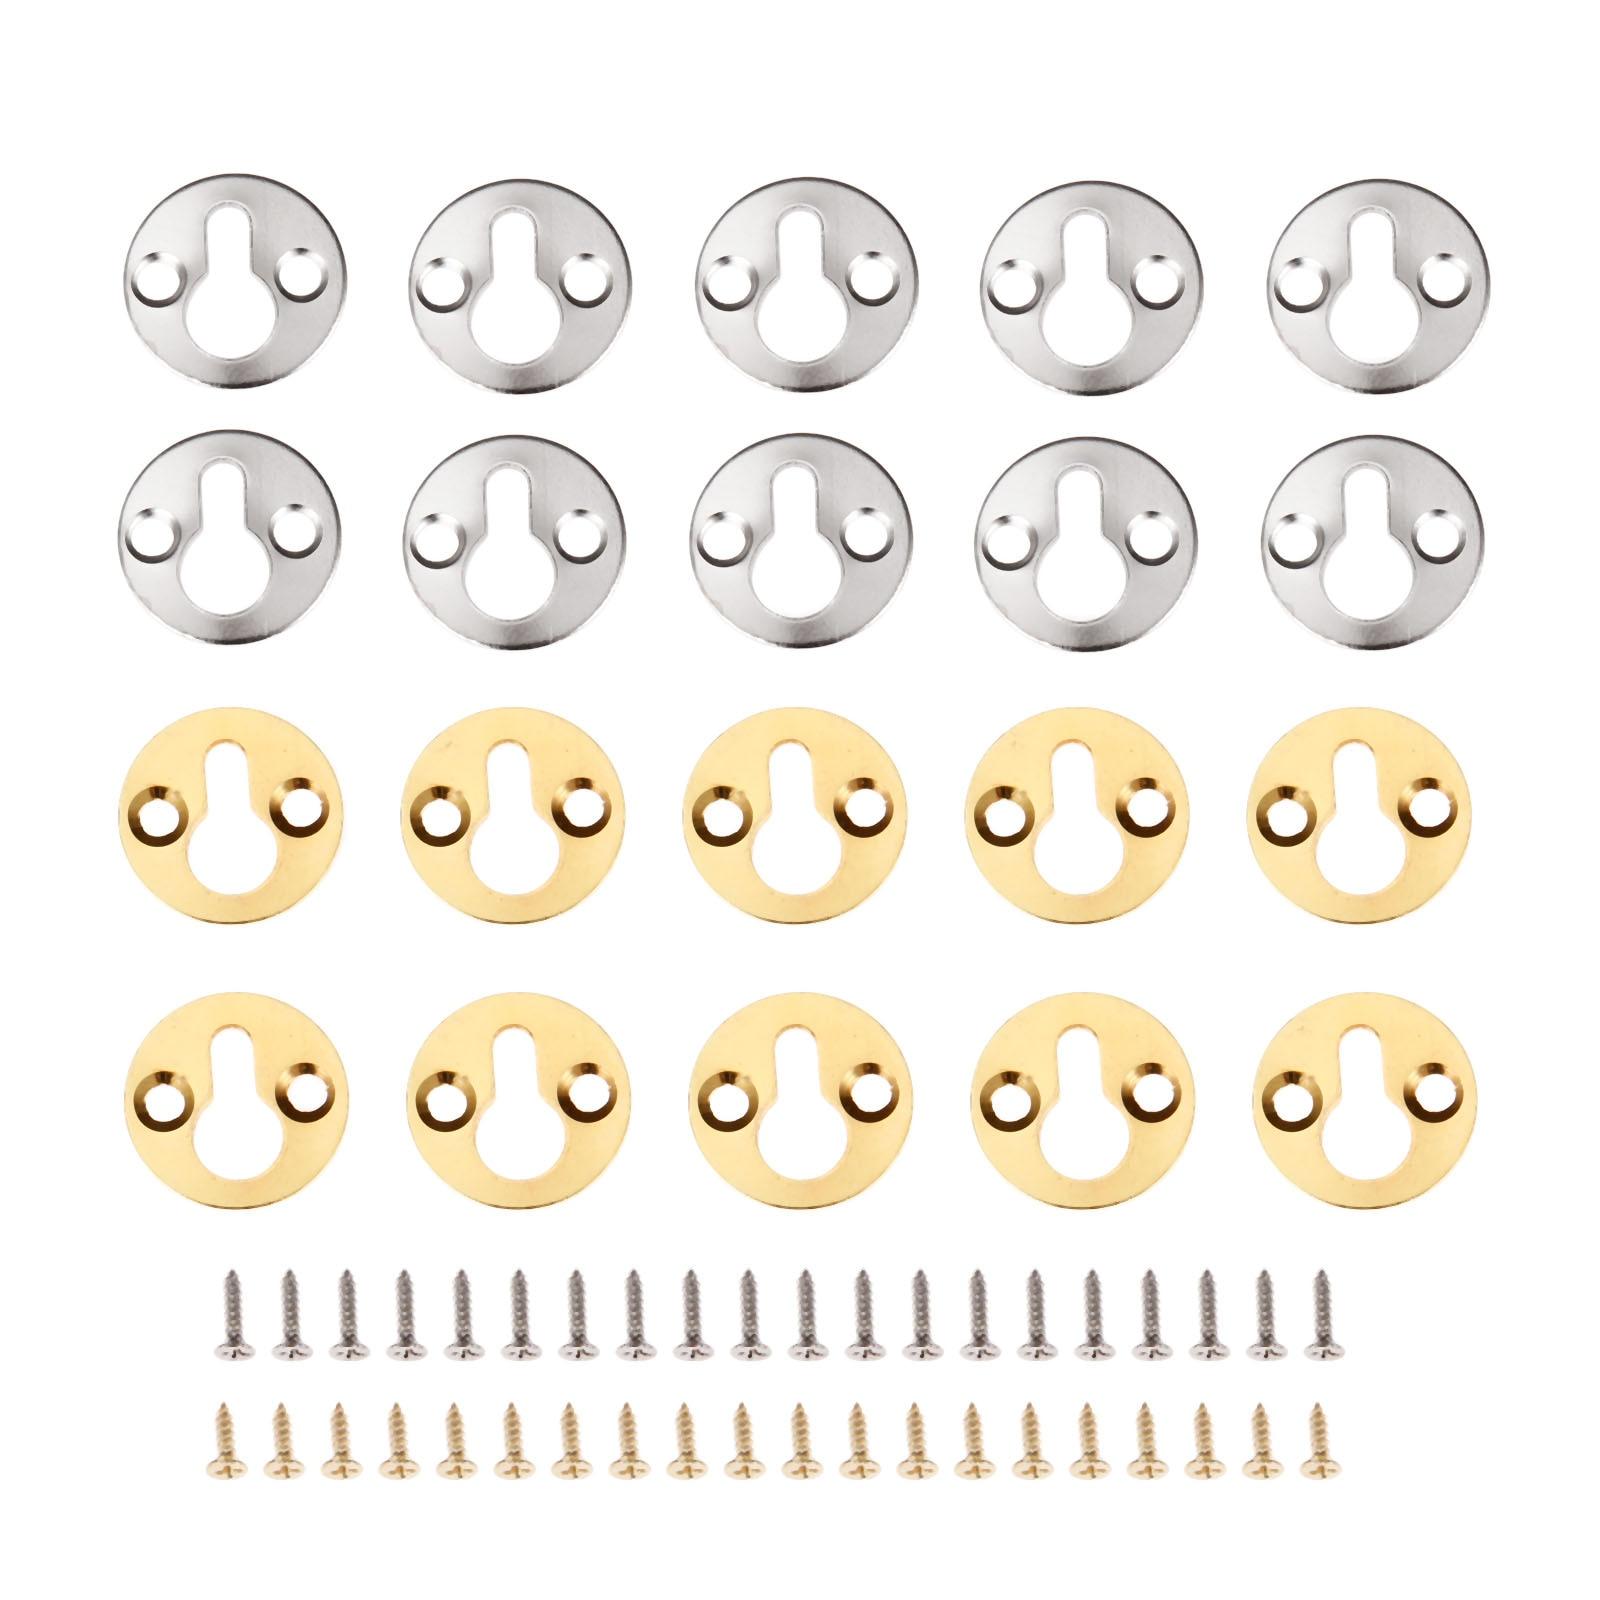 DRELD 10Pcs Runde Hängen Bild Ölgemälde Spiegel Rahmen Haken Kleiderbügel Mit Schrauben Gold/SilverFurniture Hardware 25mm